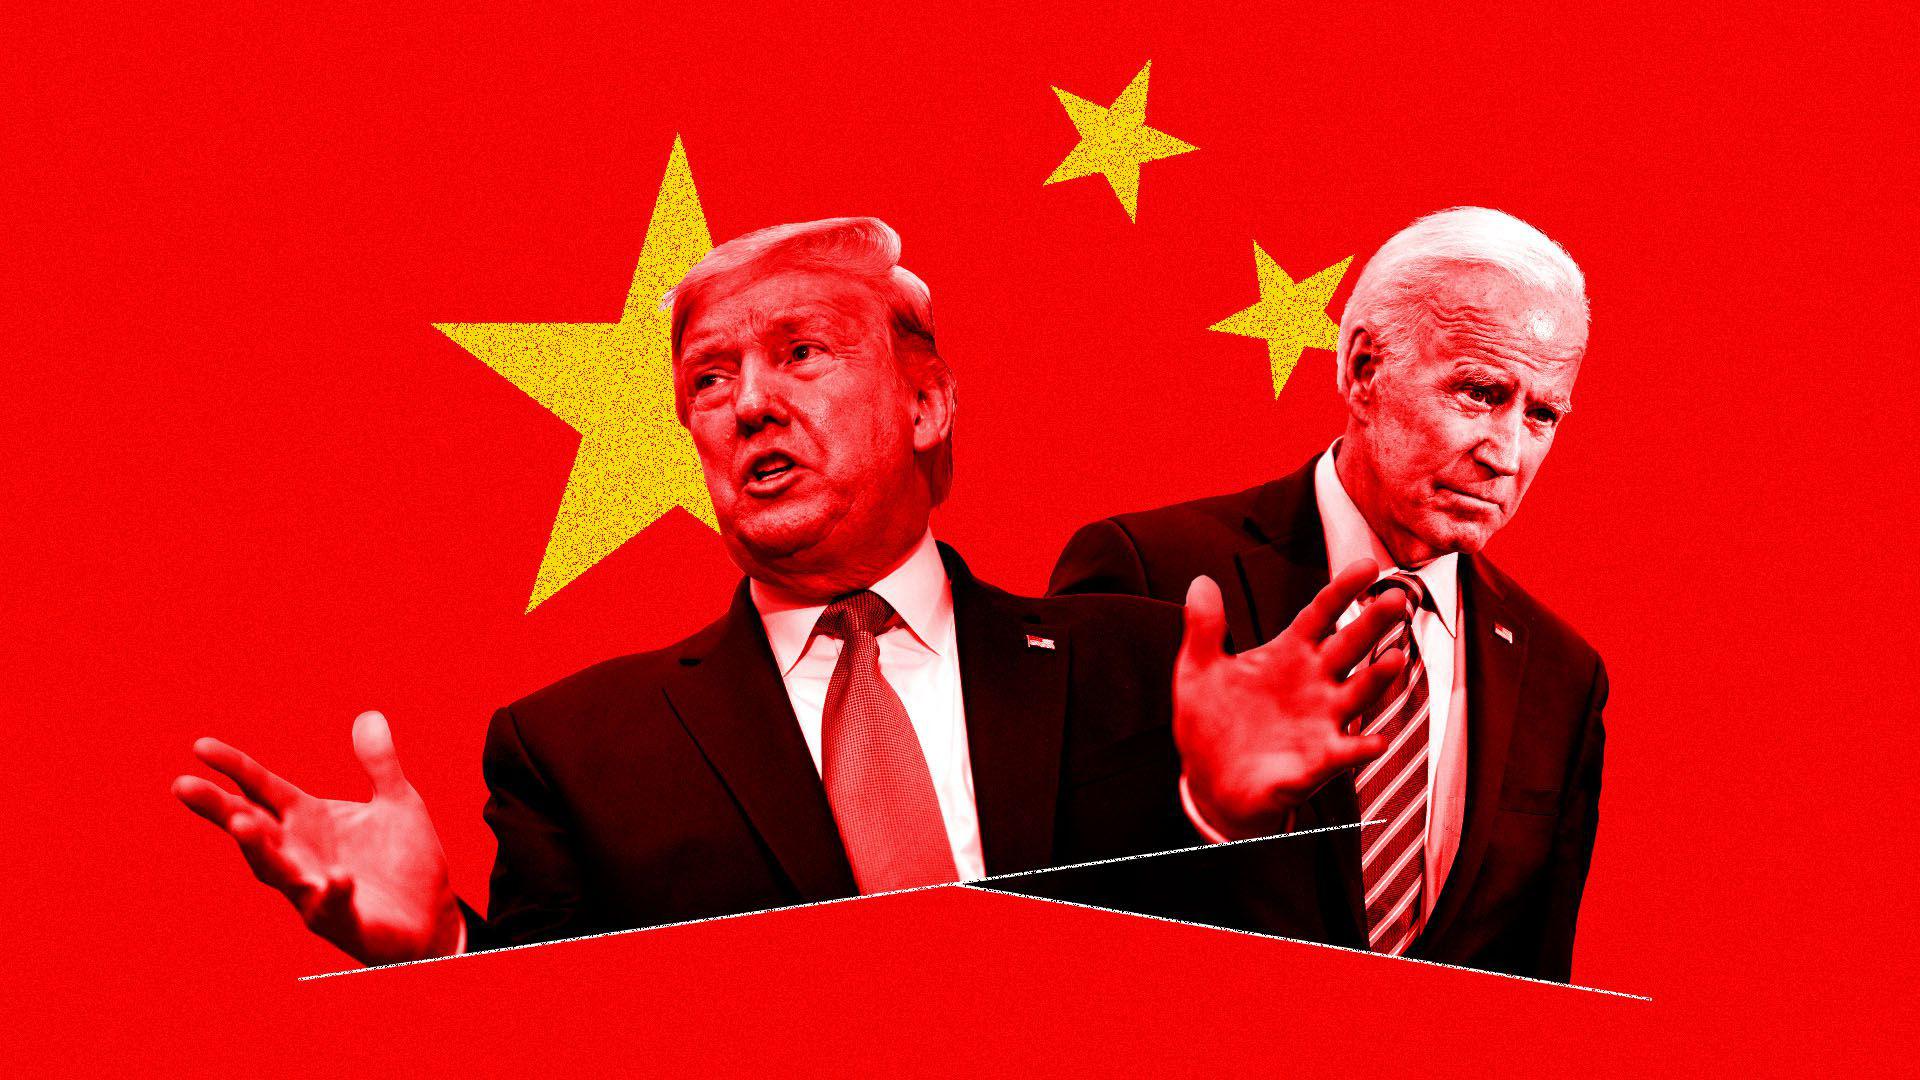 Trung Quốc muốn đàm phán lại thỏa thuận Mỹ - Trung với Biden - Ảnh 1.